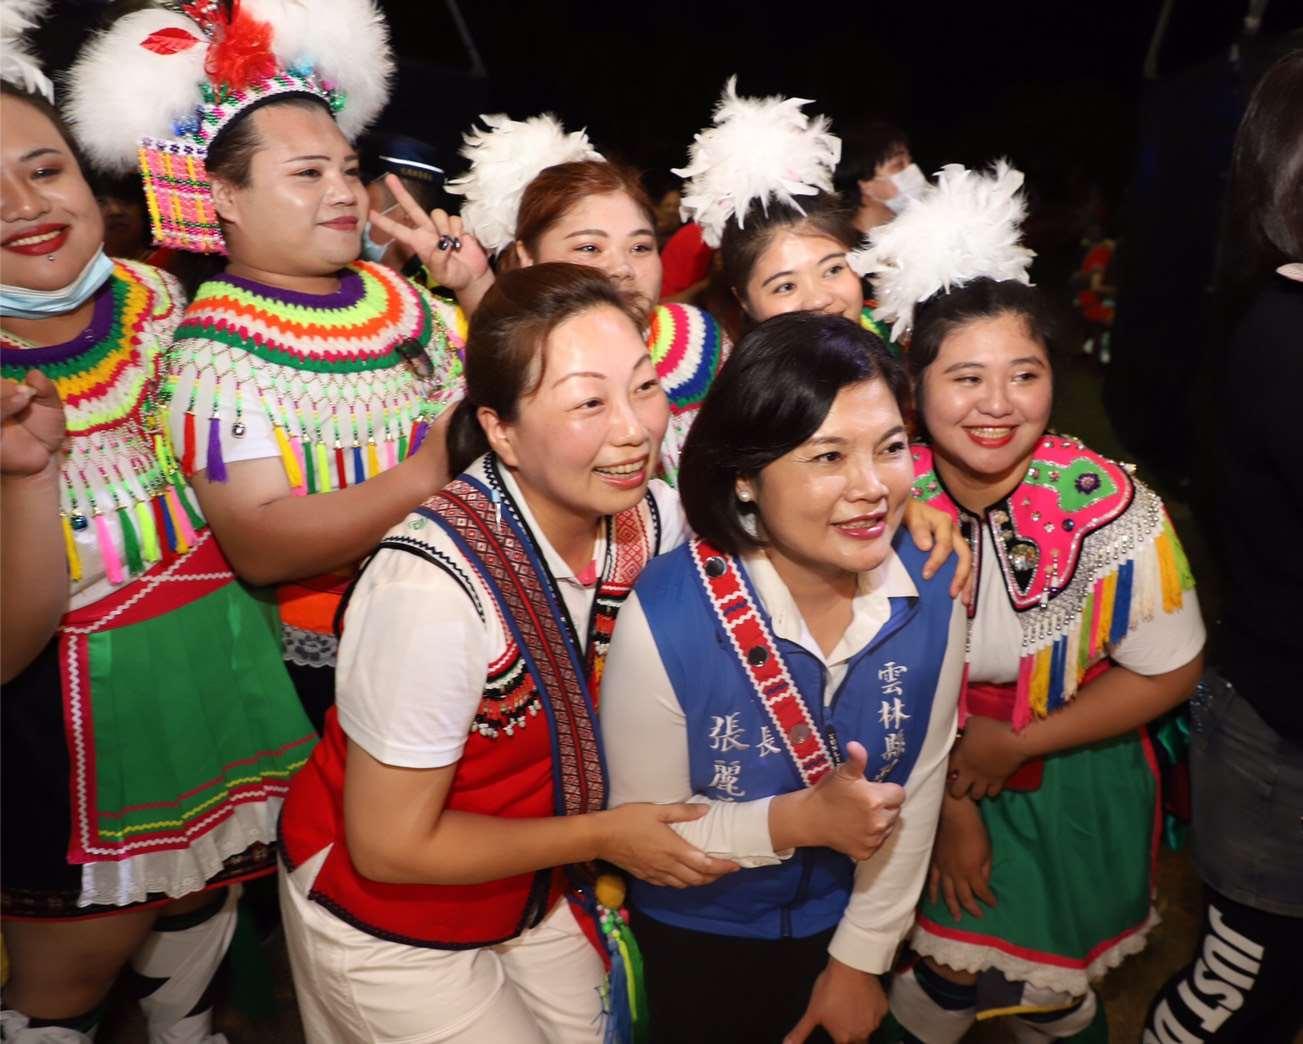 晚間參加 花蓮著名的年度豐年祭盛會  兼具傳承原民文化與推展觀光旅遊